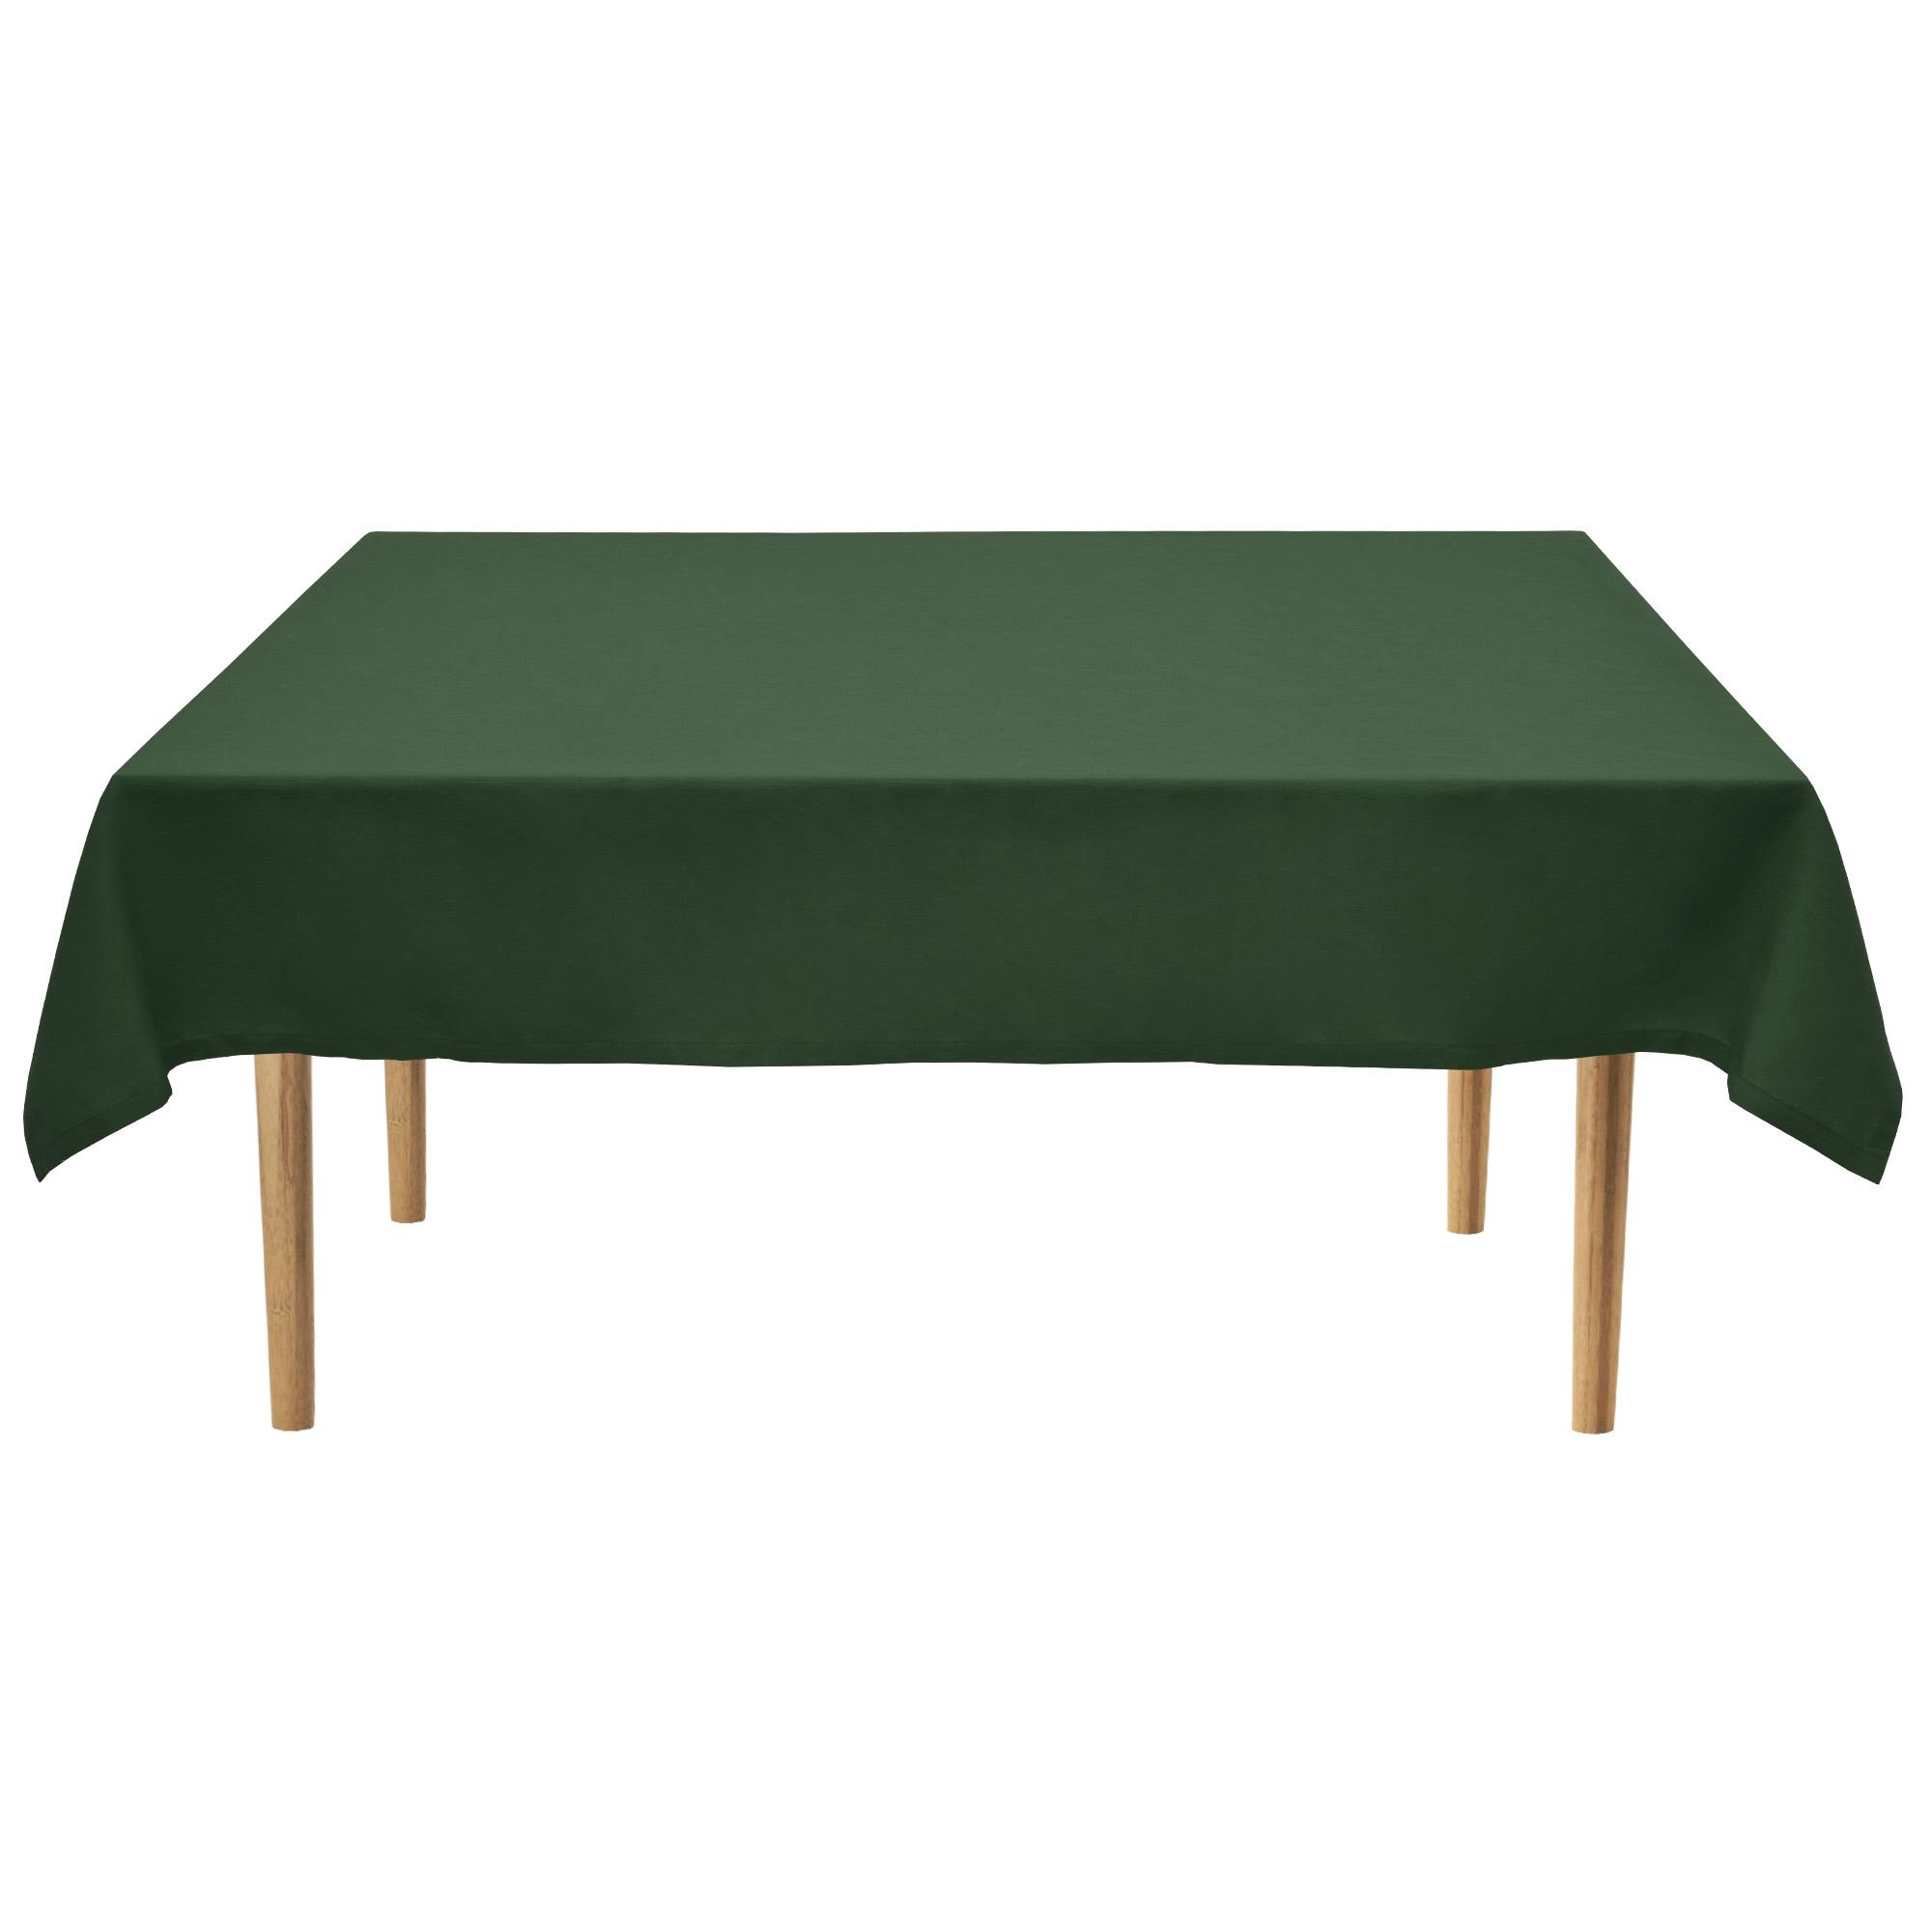 tischdecke 130x160cm gr n hier kaufen. Black Bedroom Furniture Sets. Home Design Ideas